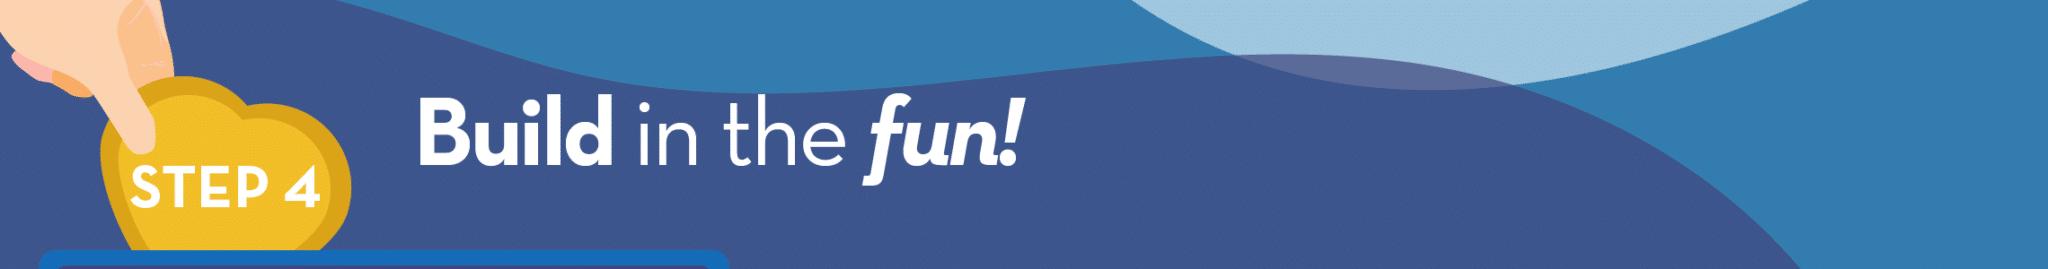 4-build-in-the-fun